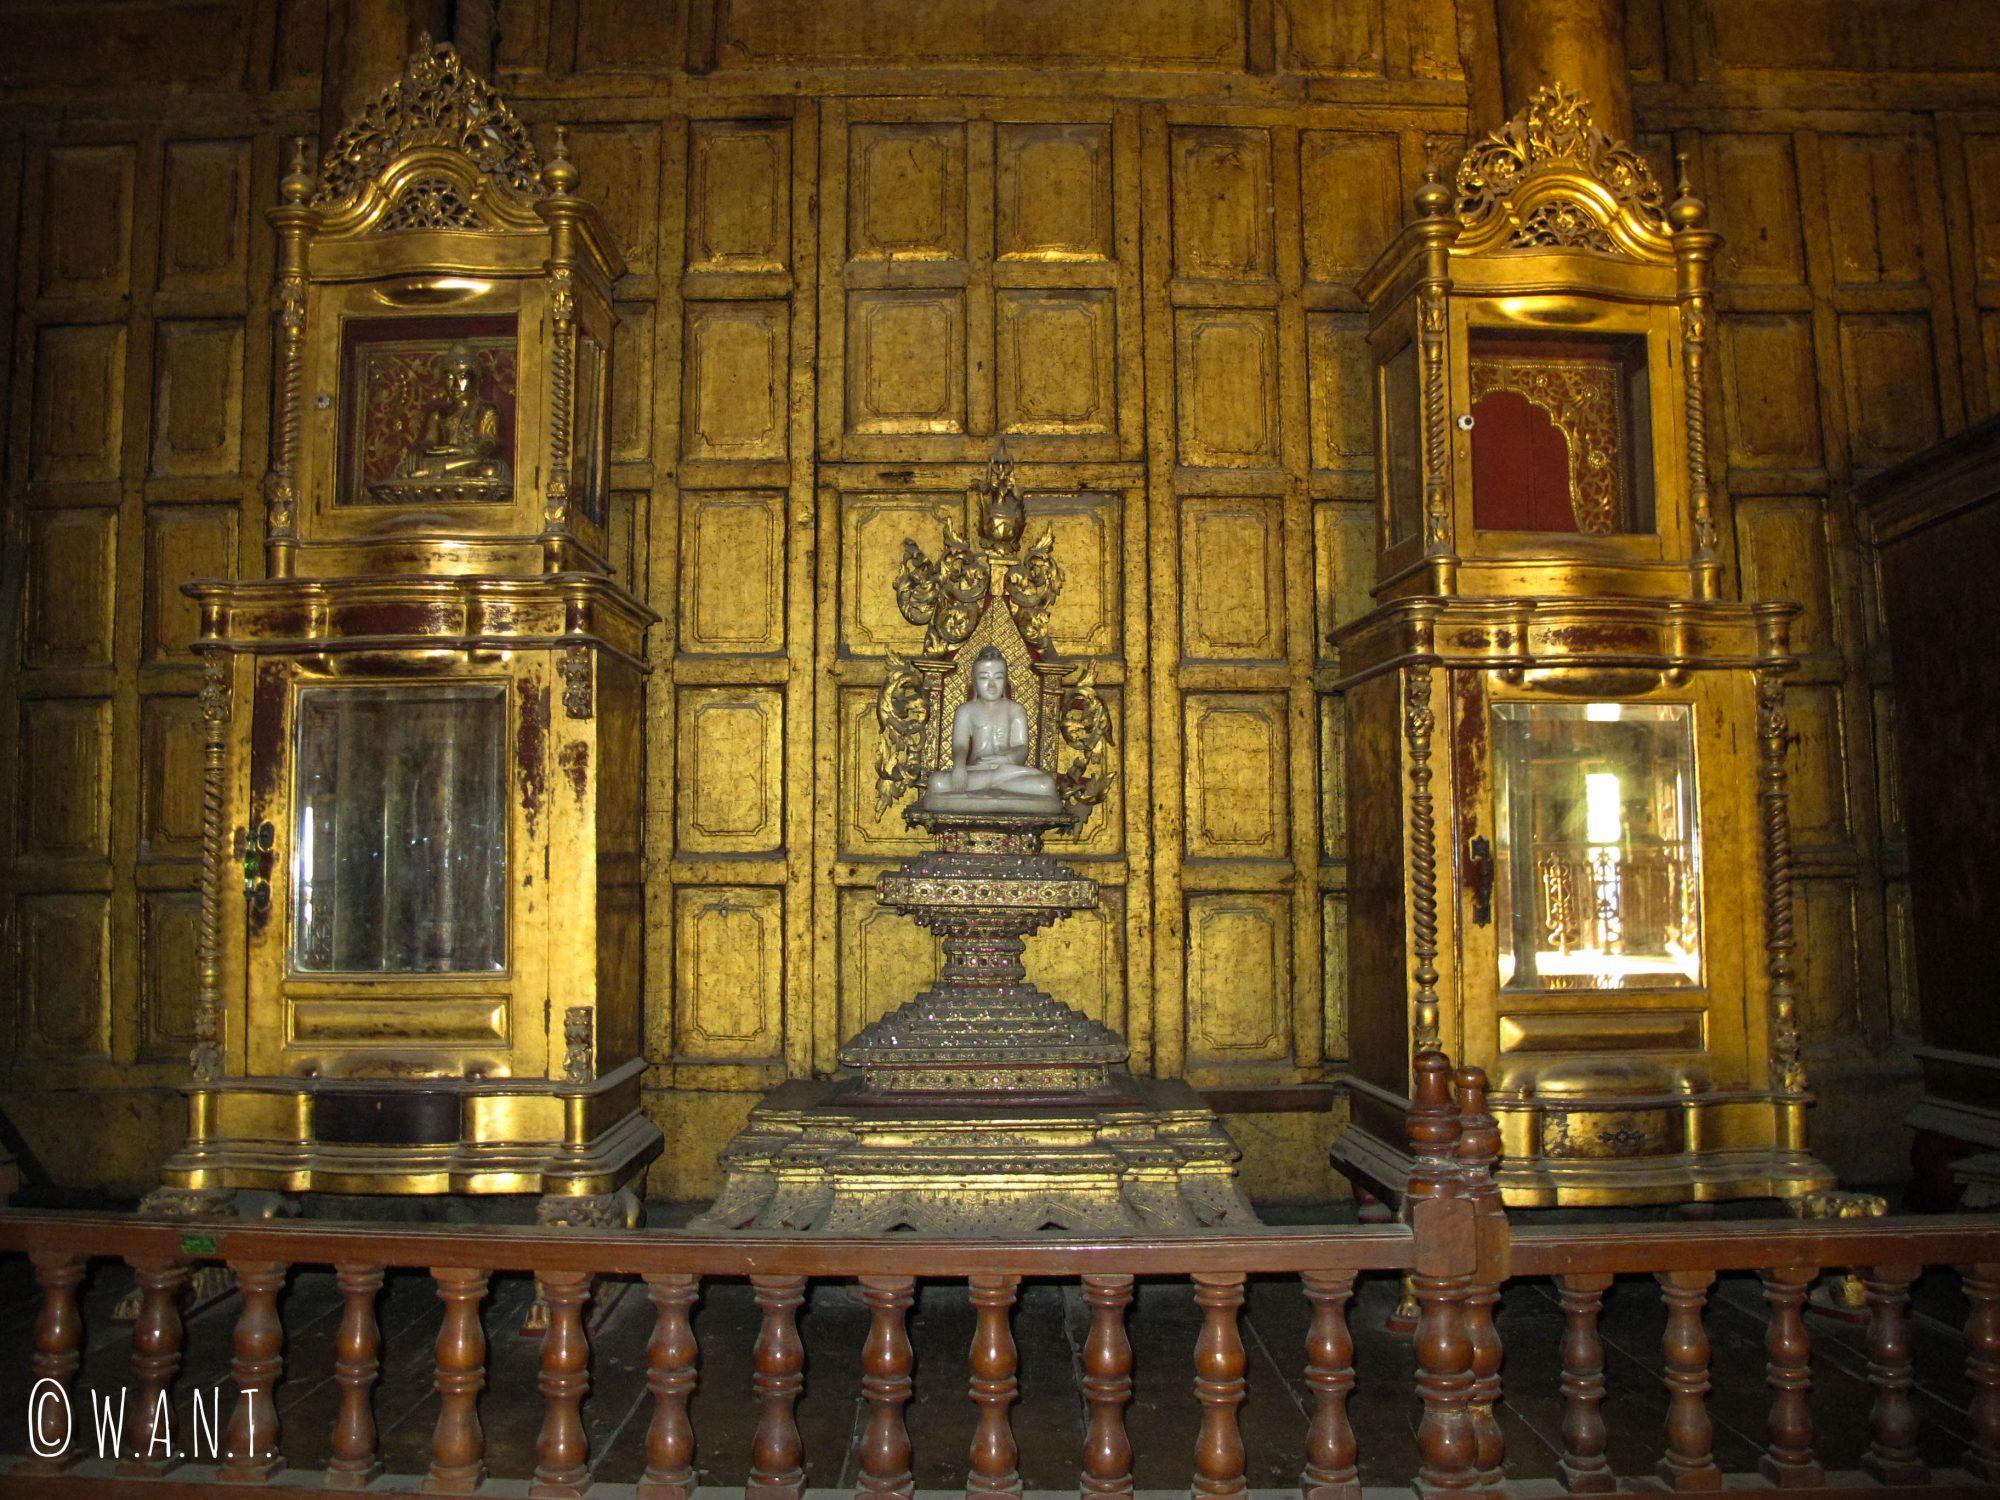 Décorations à l'intérieur du monastère Shwenandaw